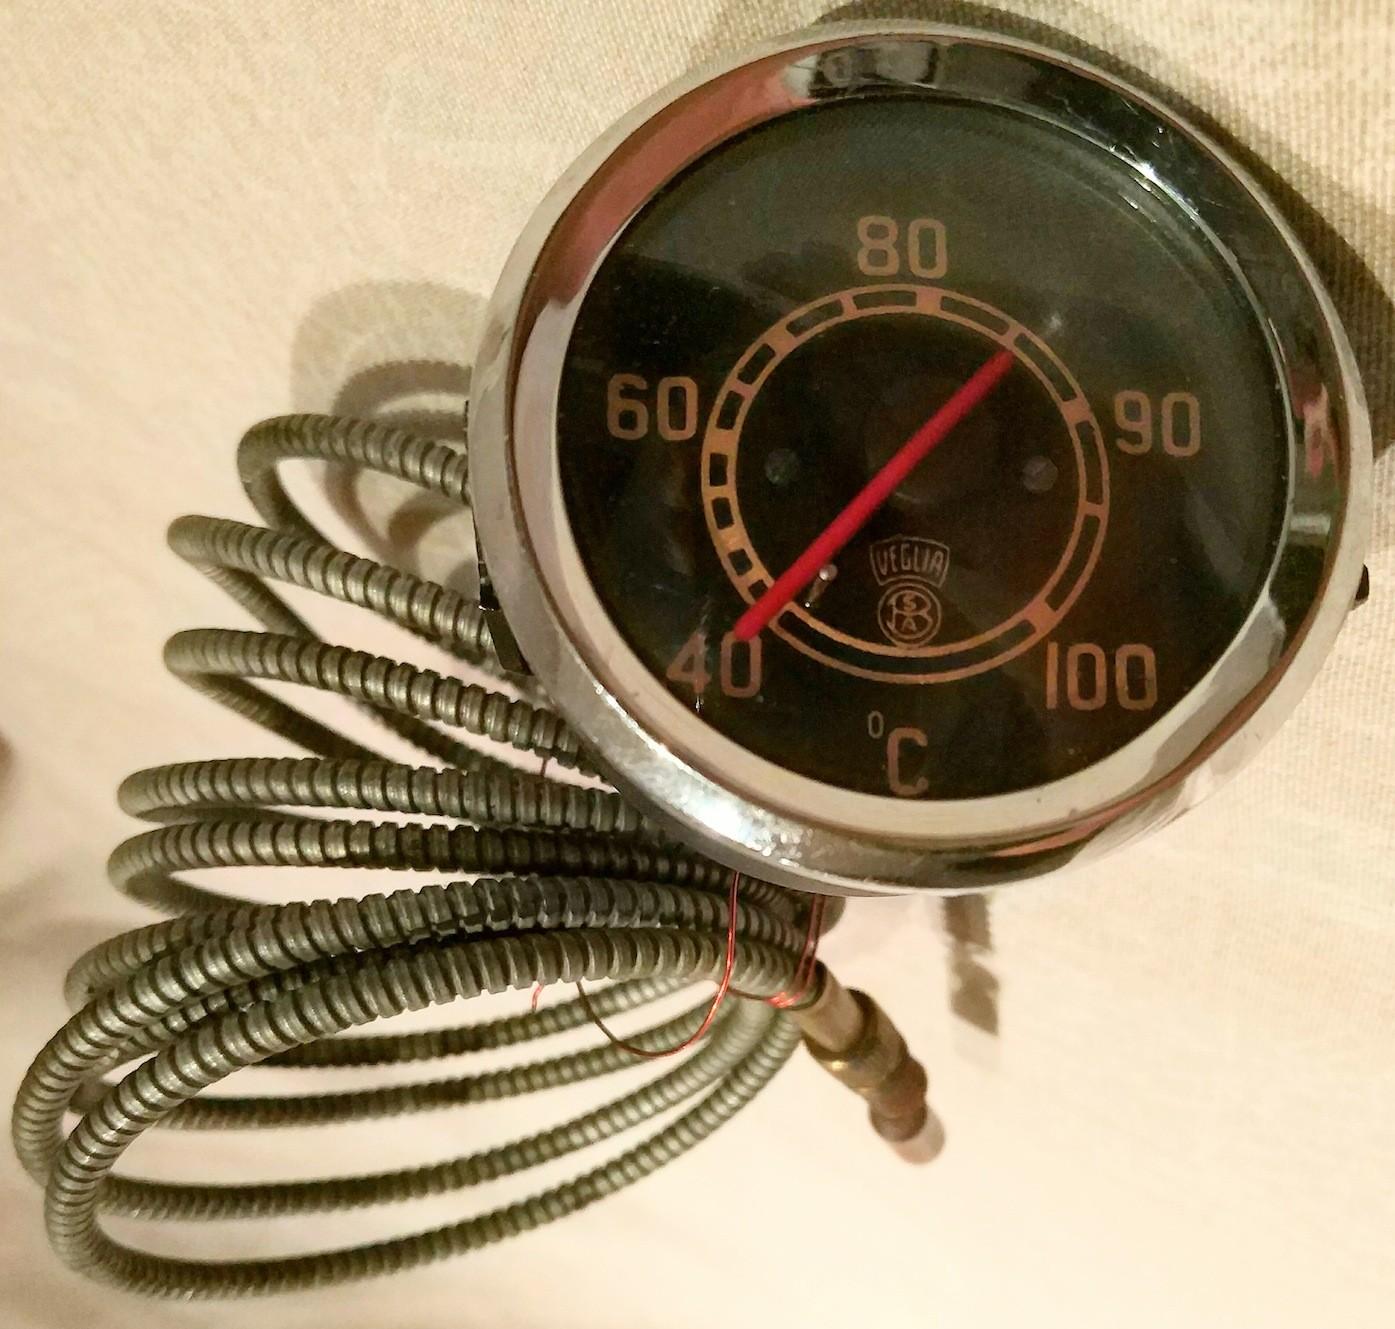 Reloj De Temperatura Para Dkw